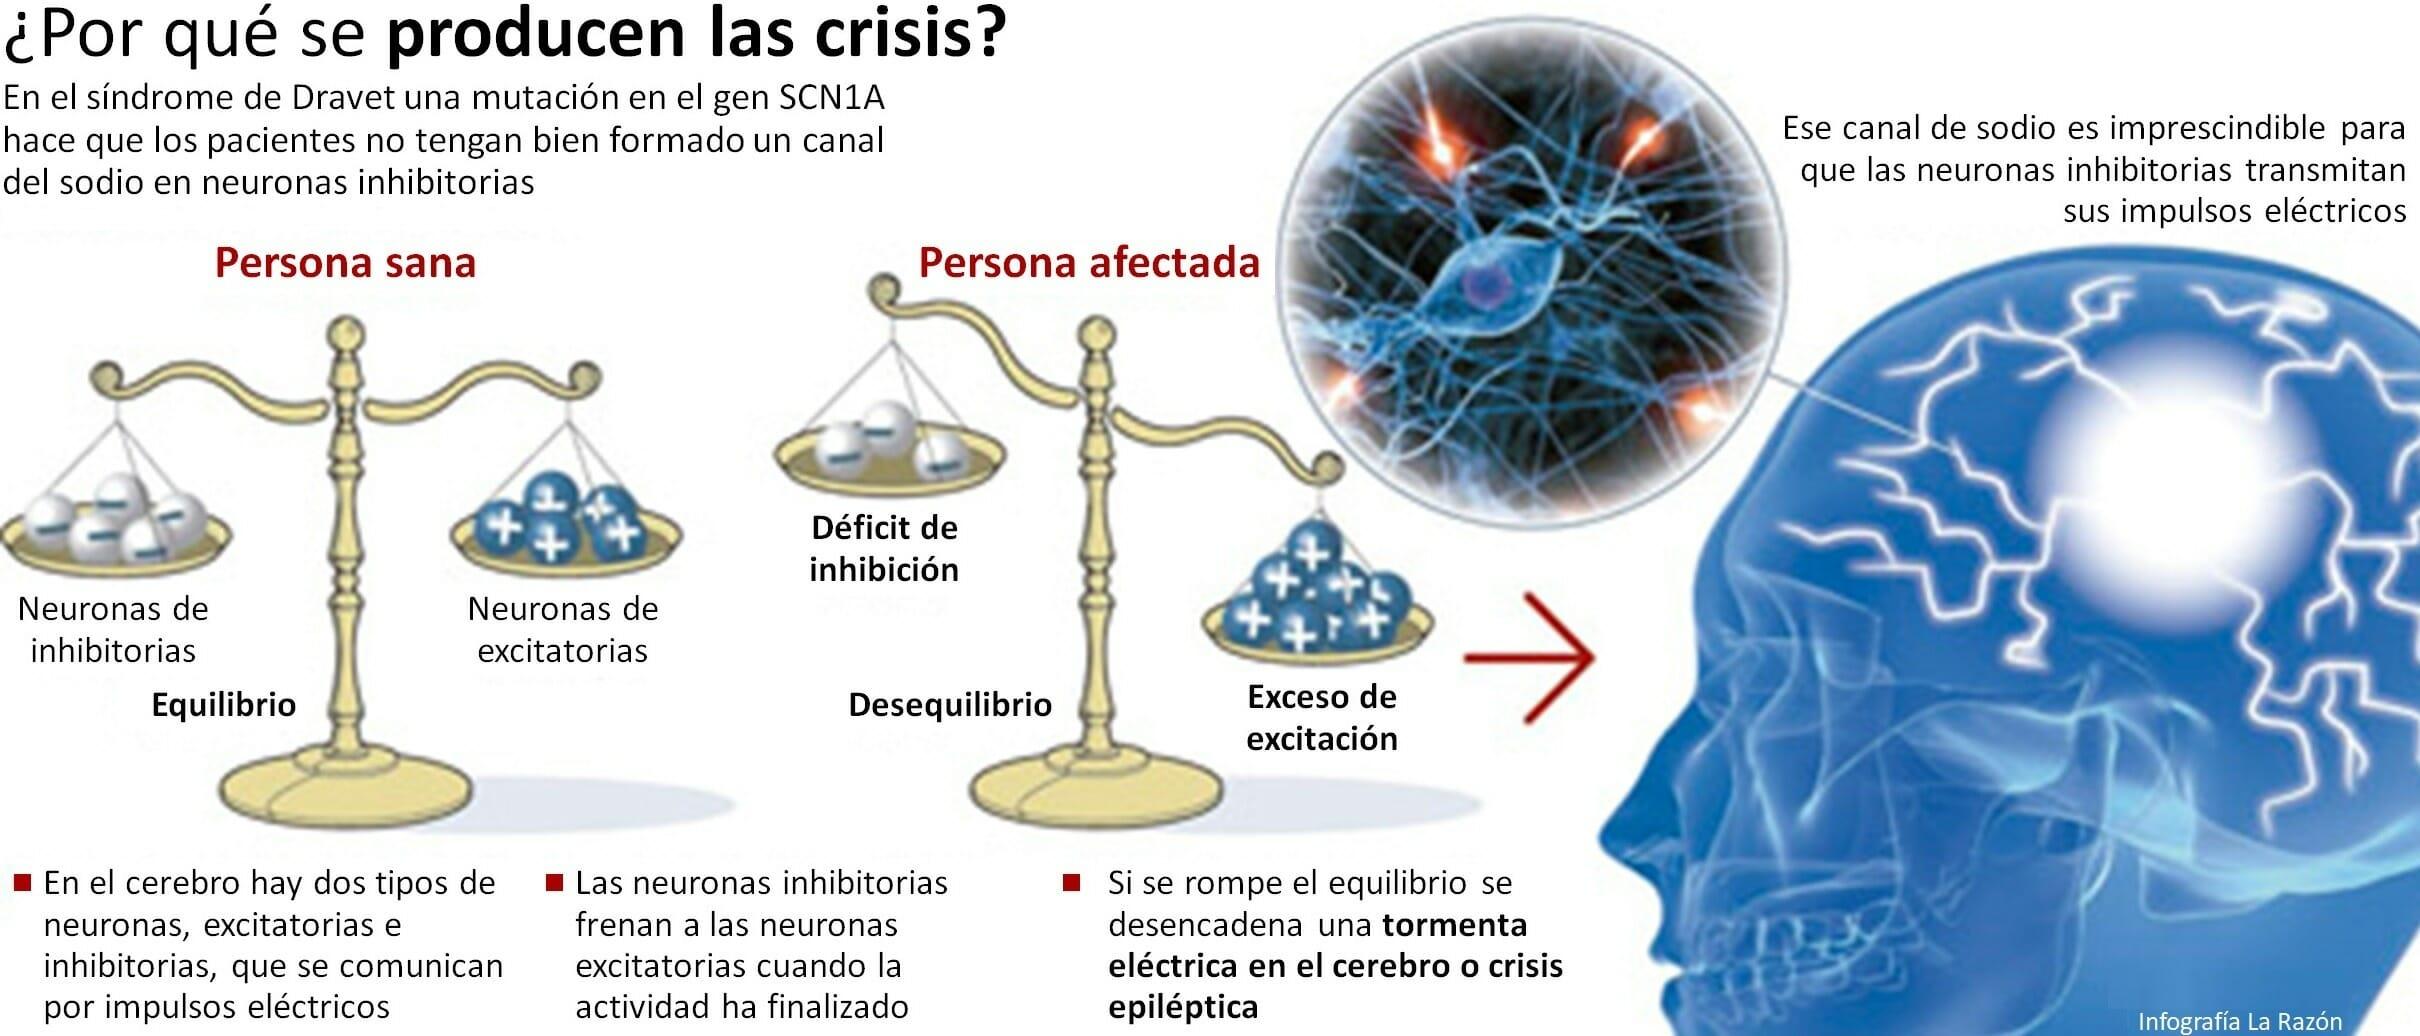 Por qué se produce una crisis